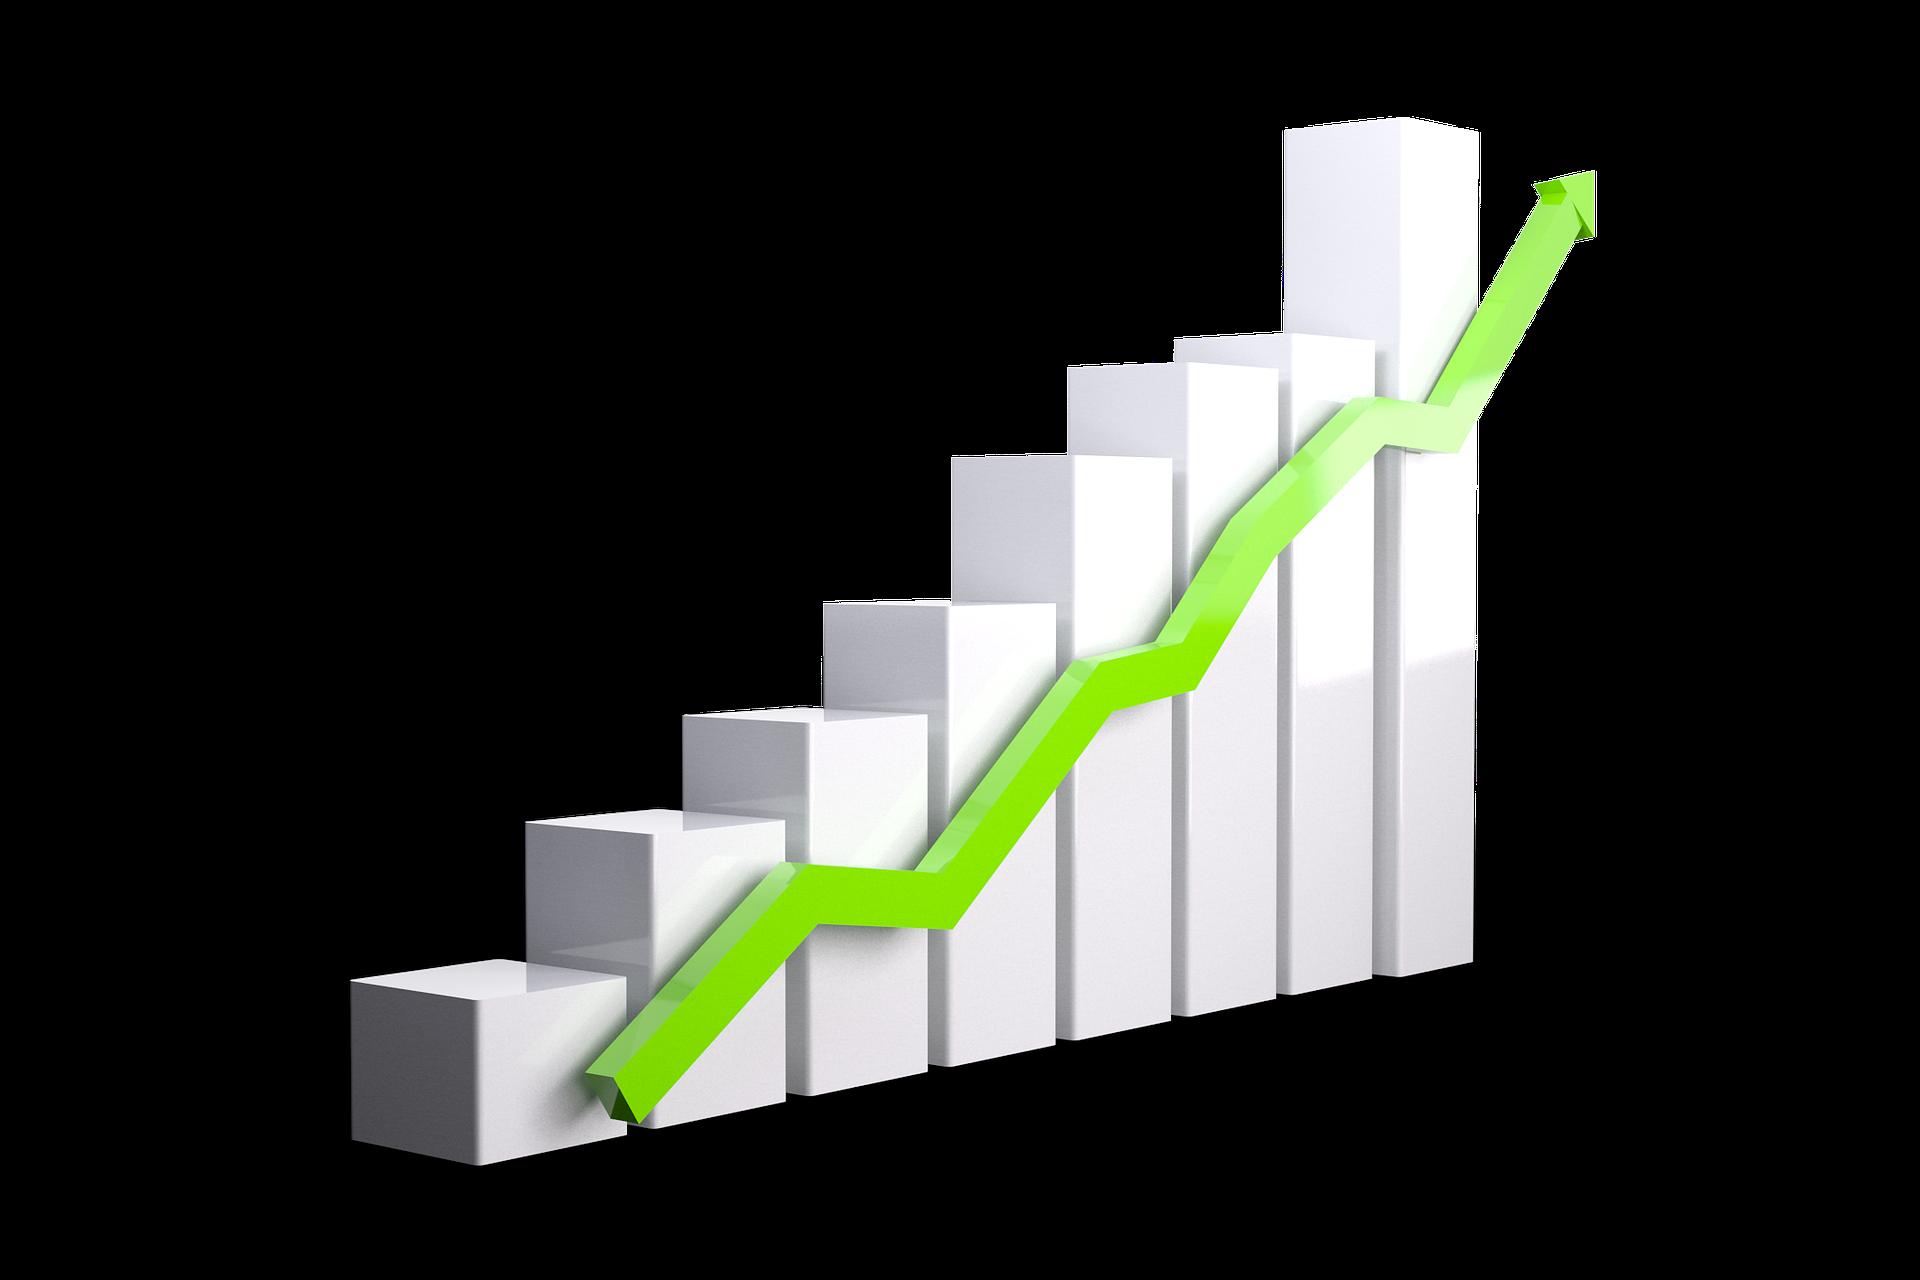 Курсы криптовалют и инвестиционная привлекательность ICO